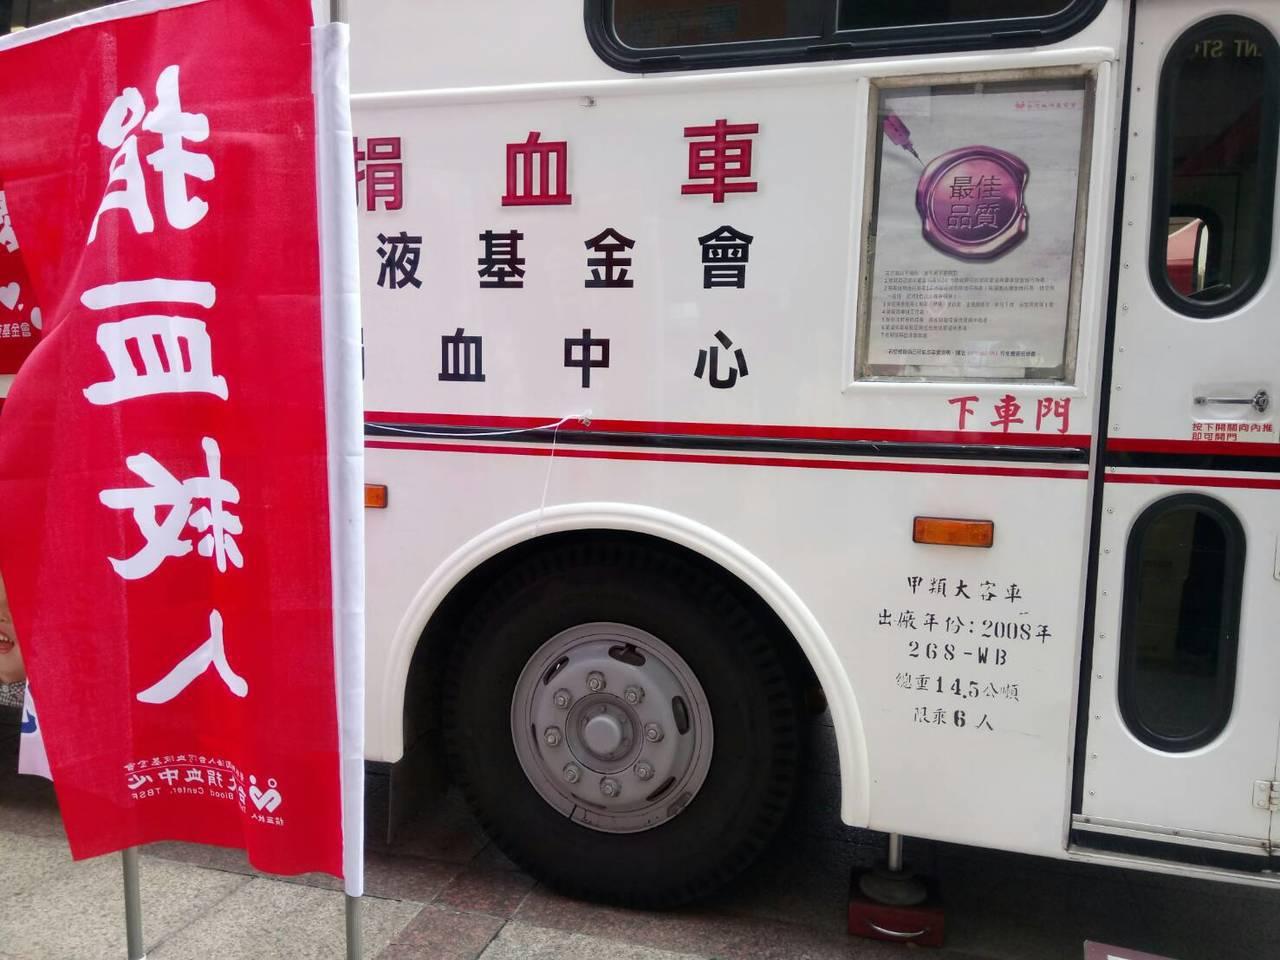 台北捐血中心今日公佈最新庫存情形,所有血型均低於7天的安全庫存量,籲熱血民眾,捲...